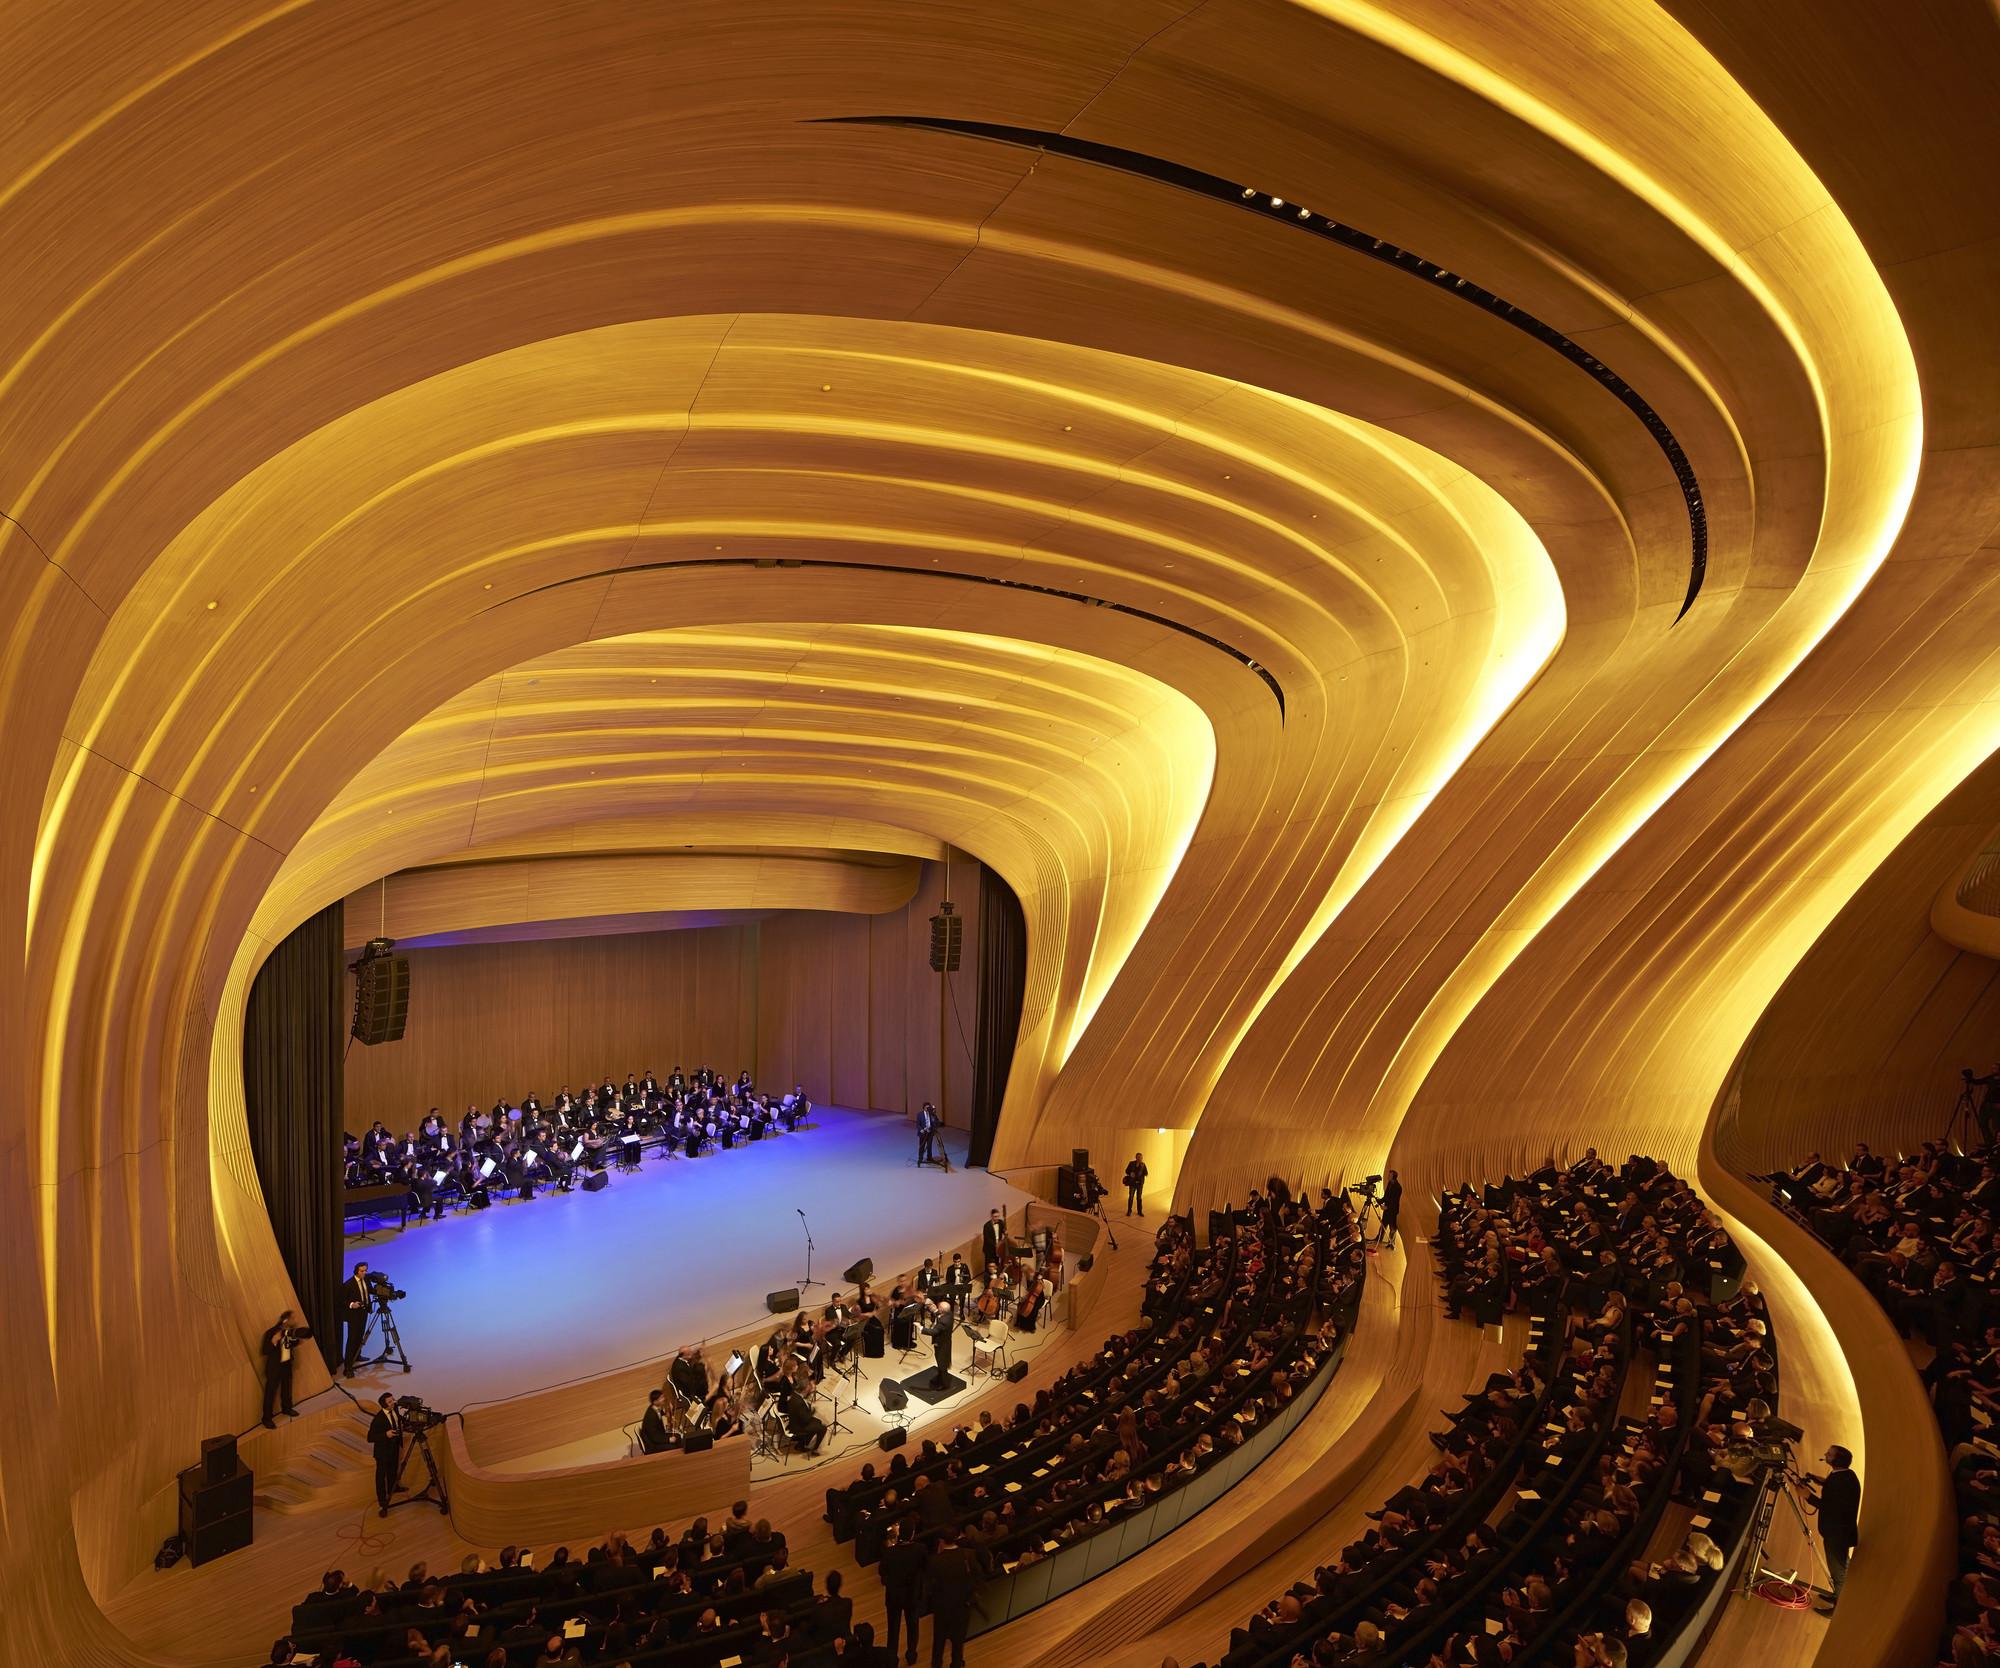 Zaha Hadid vodeći arhitekta sveta i njeni projekti HAC_Interior_photo_by_Hufton_Crow_(7)